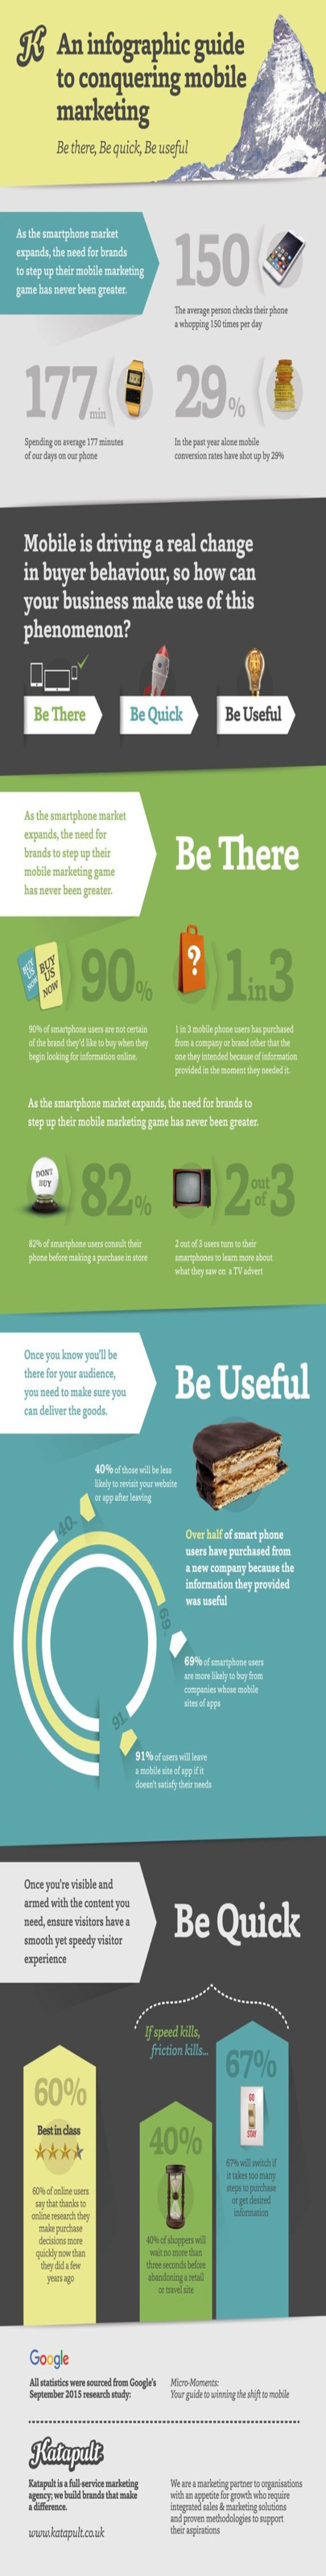 快速有效的移动营销入门策略(信息图)